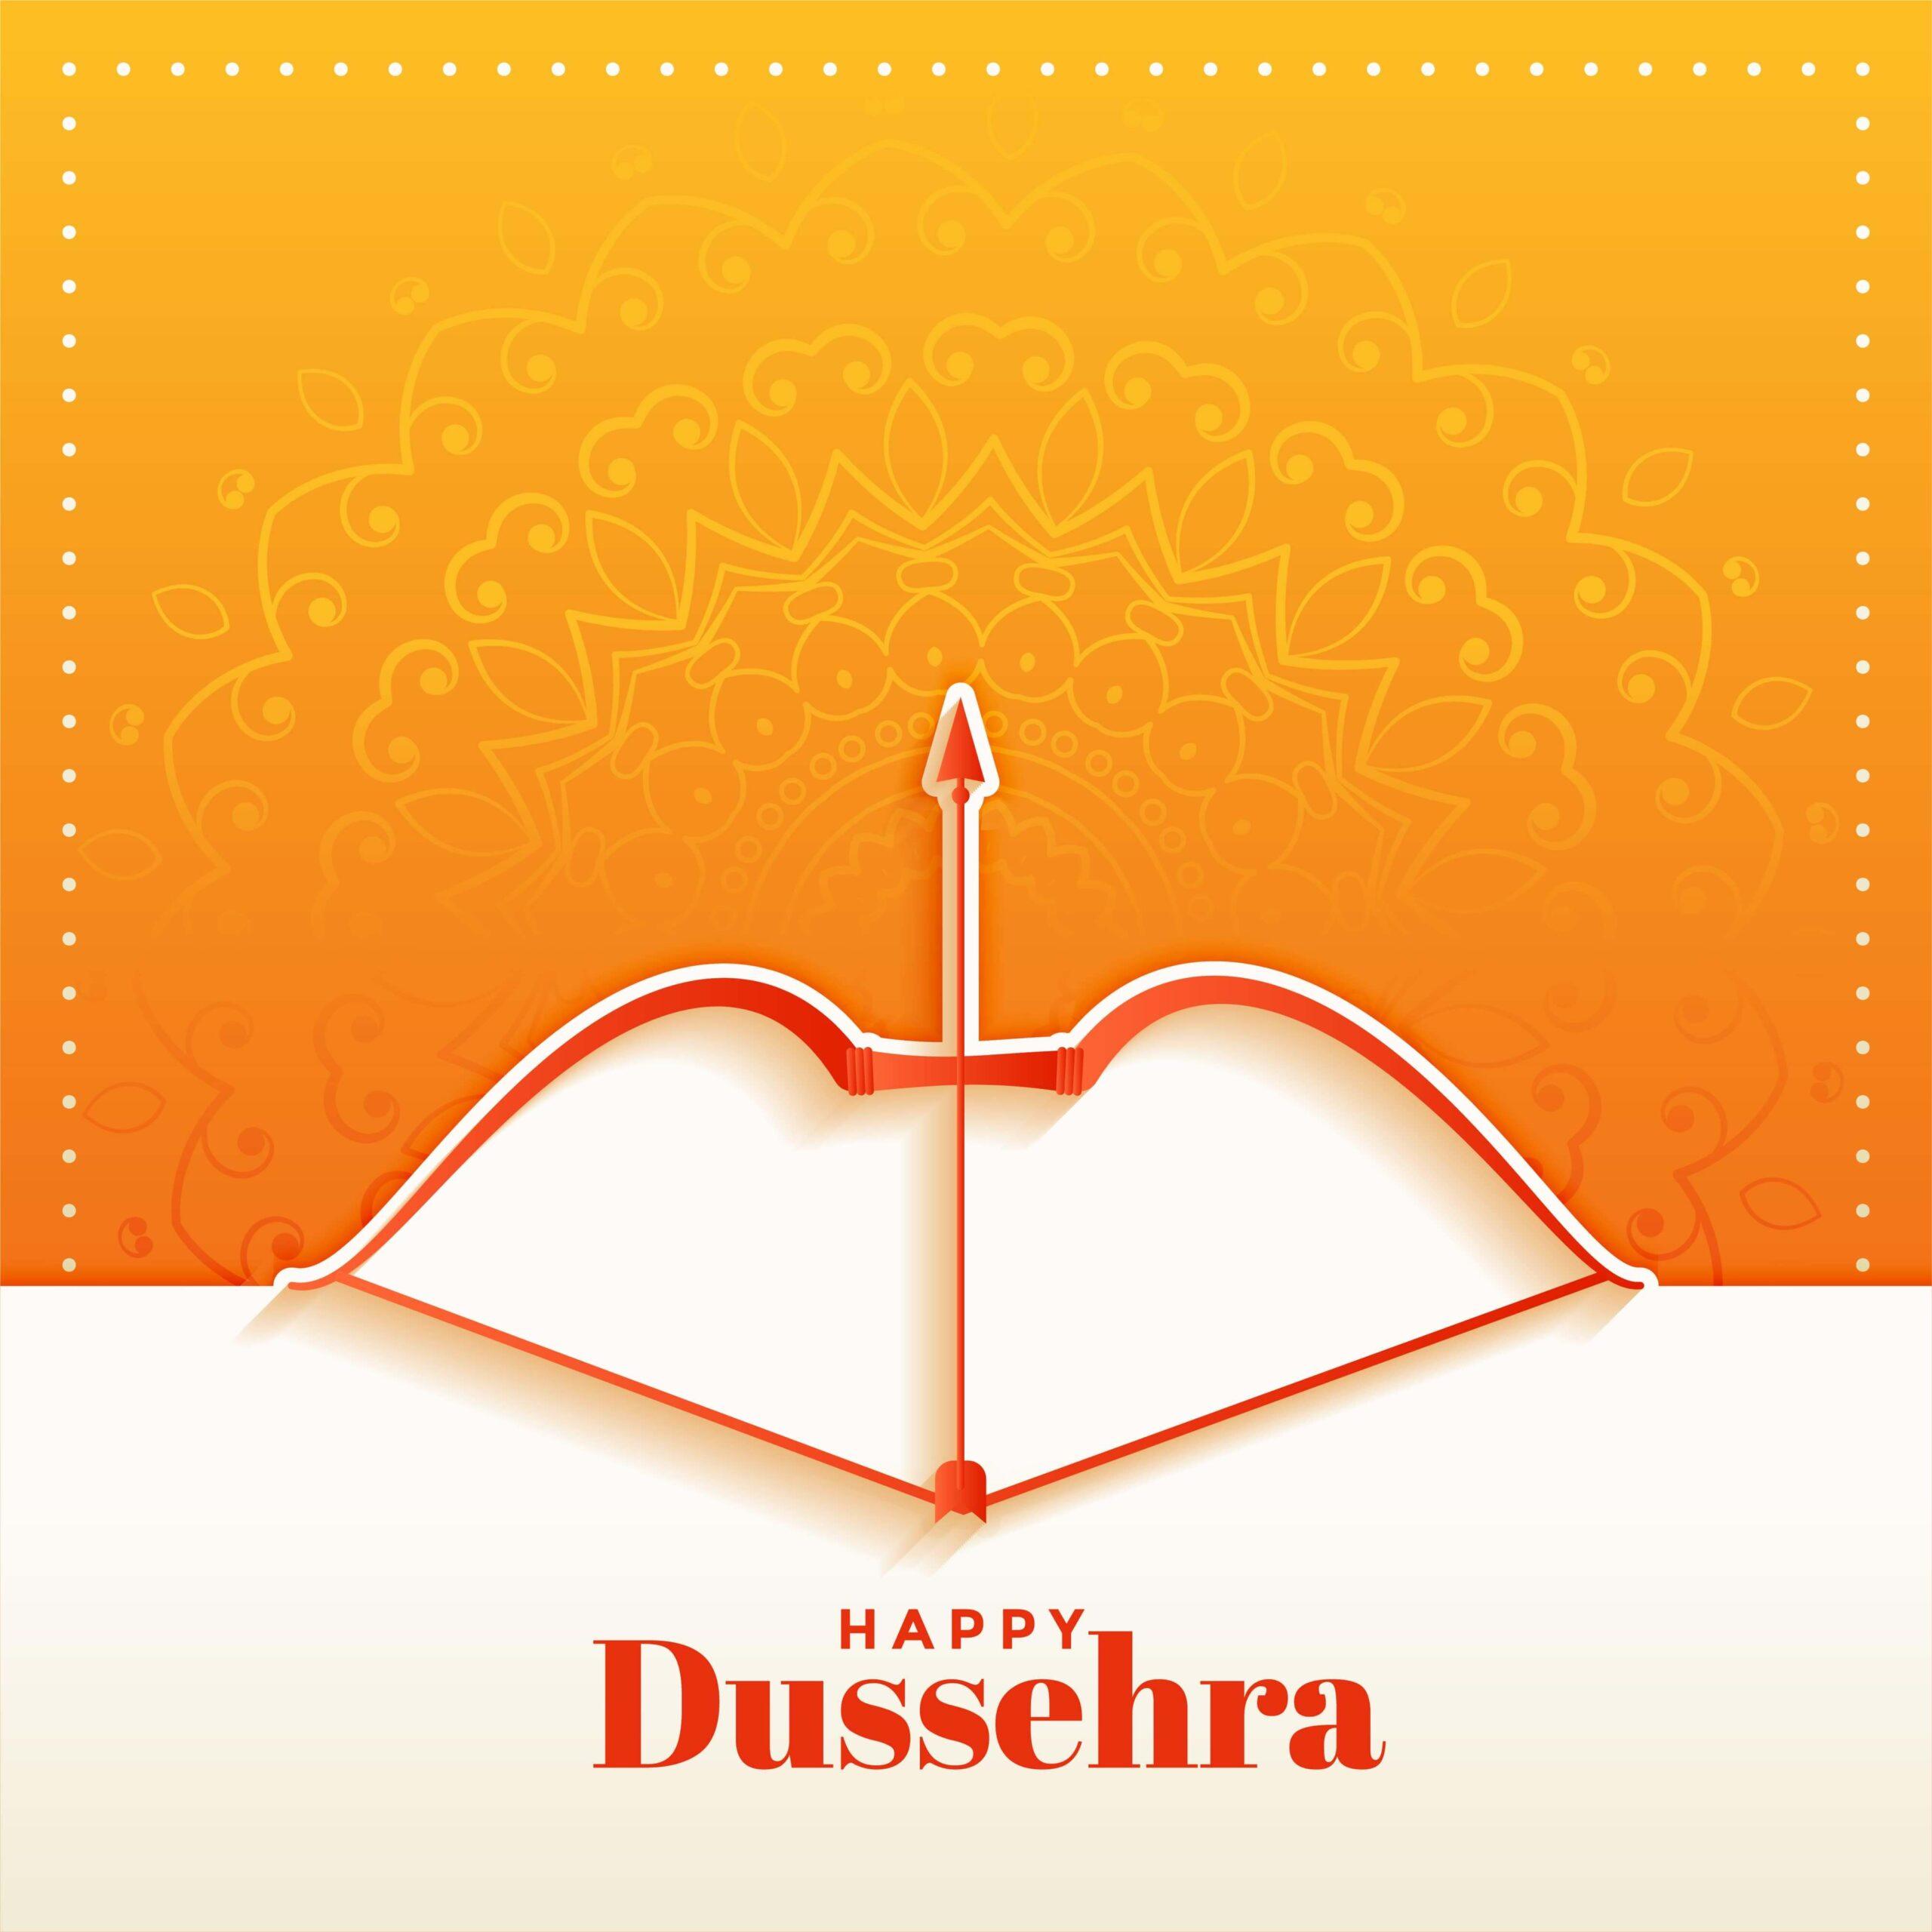 happy dussehra images